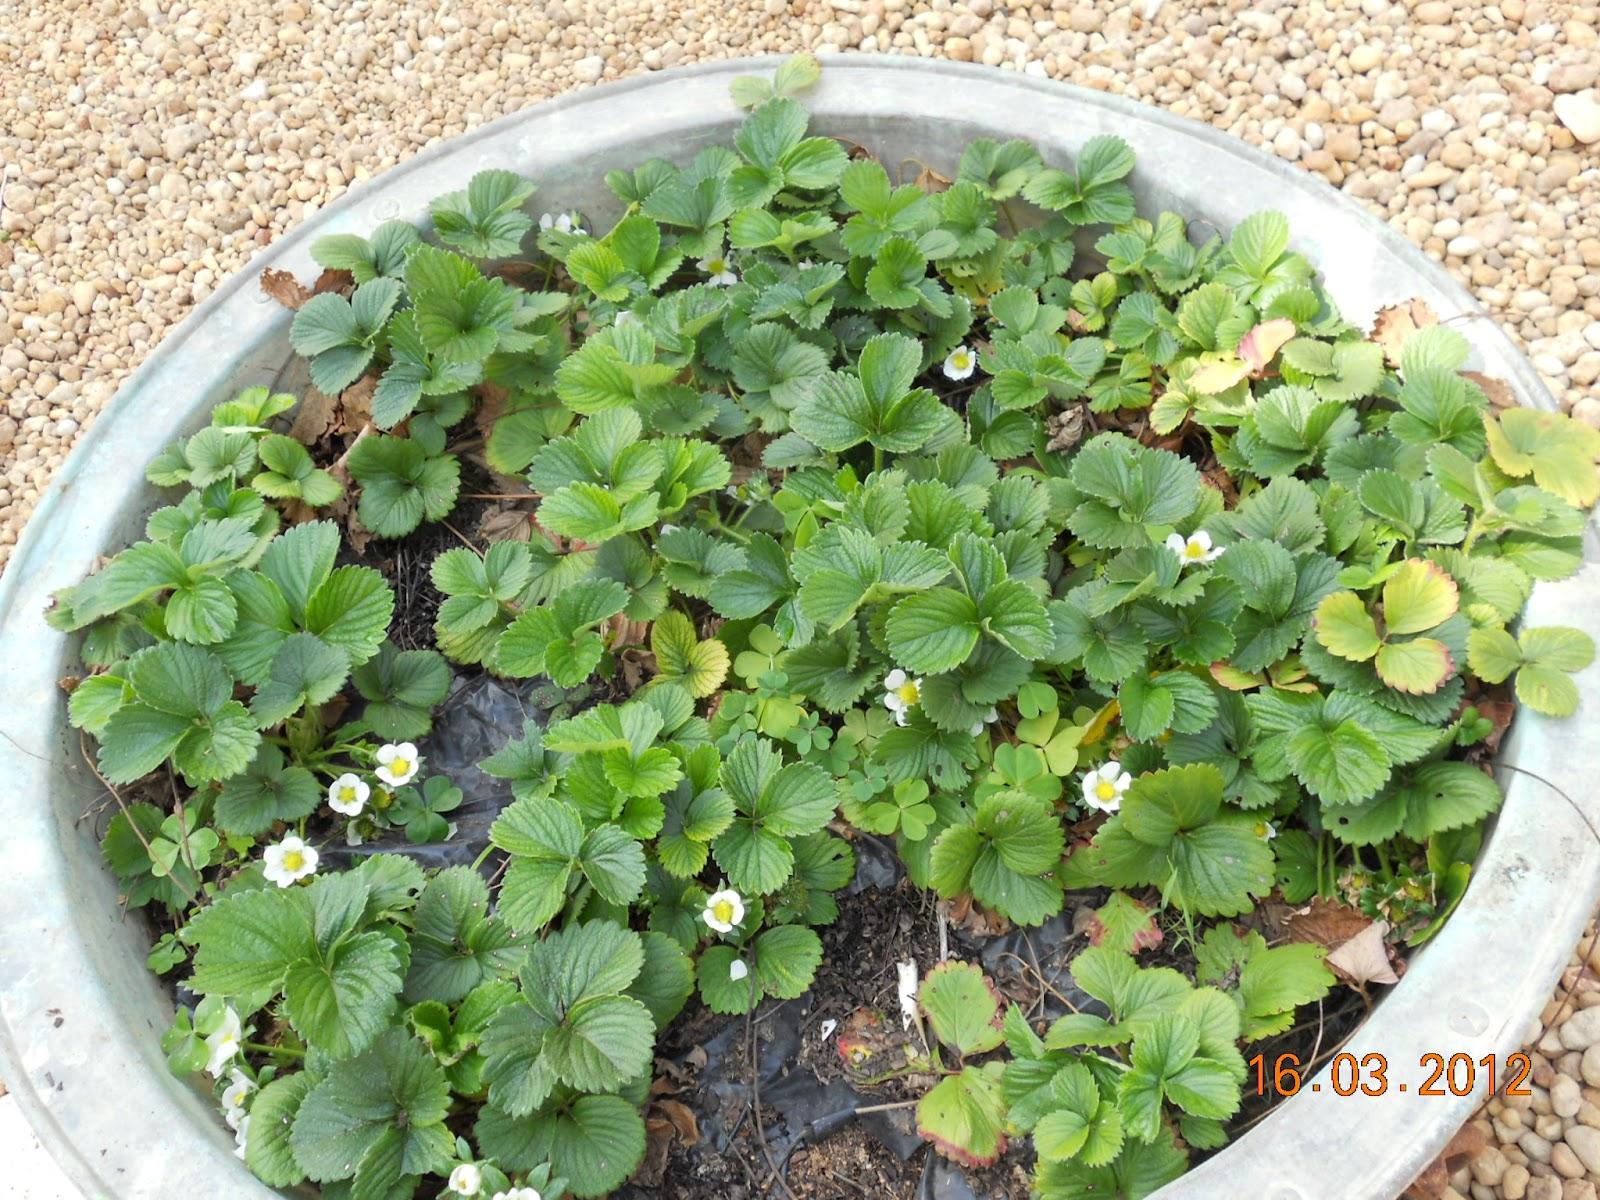 Tainara Batistella A Minha Pequena: Pratos Y Panelas: A Minha Pequena Horta Em Abril 2012